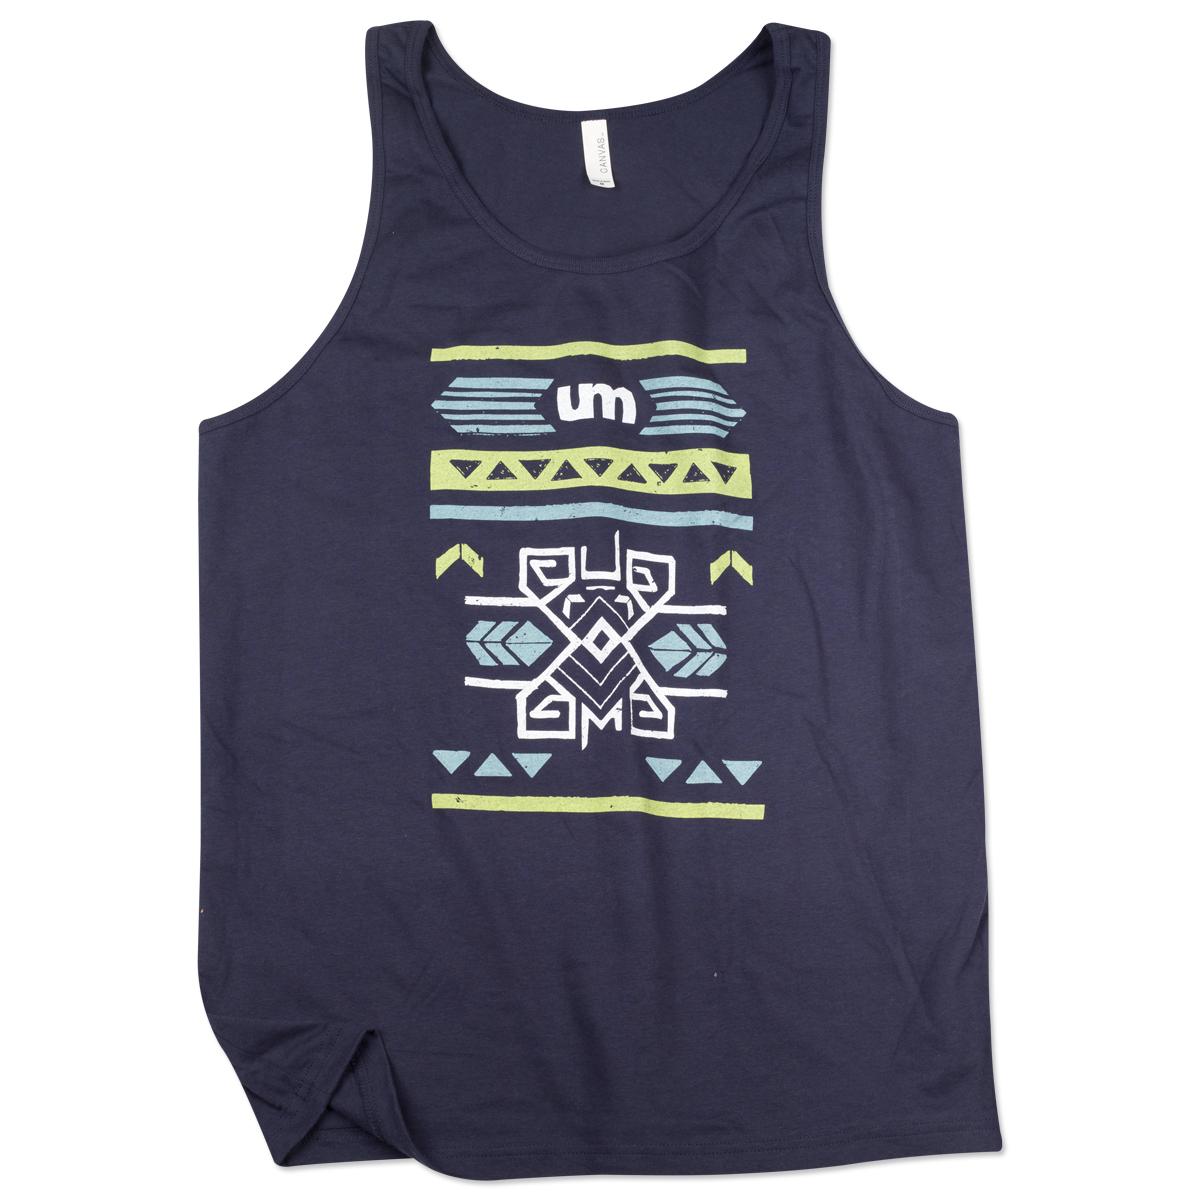 Unisex Southwest Tank